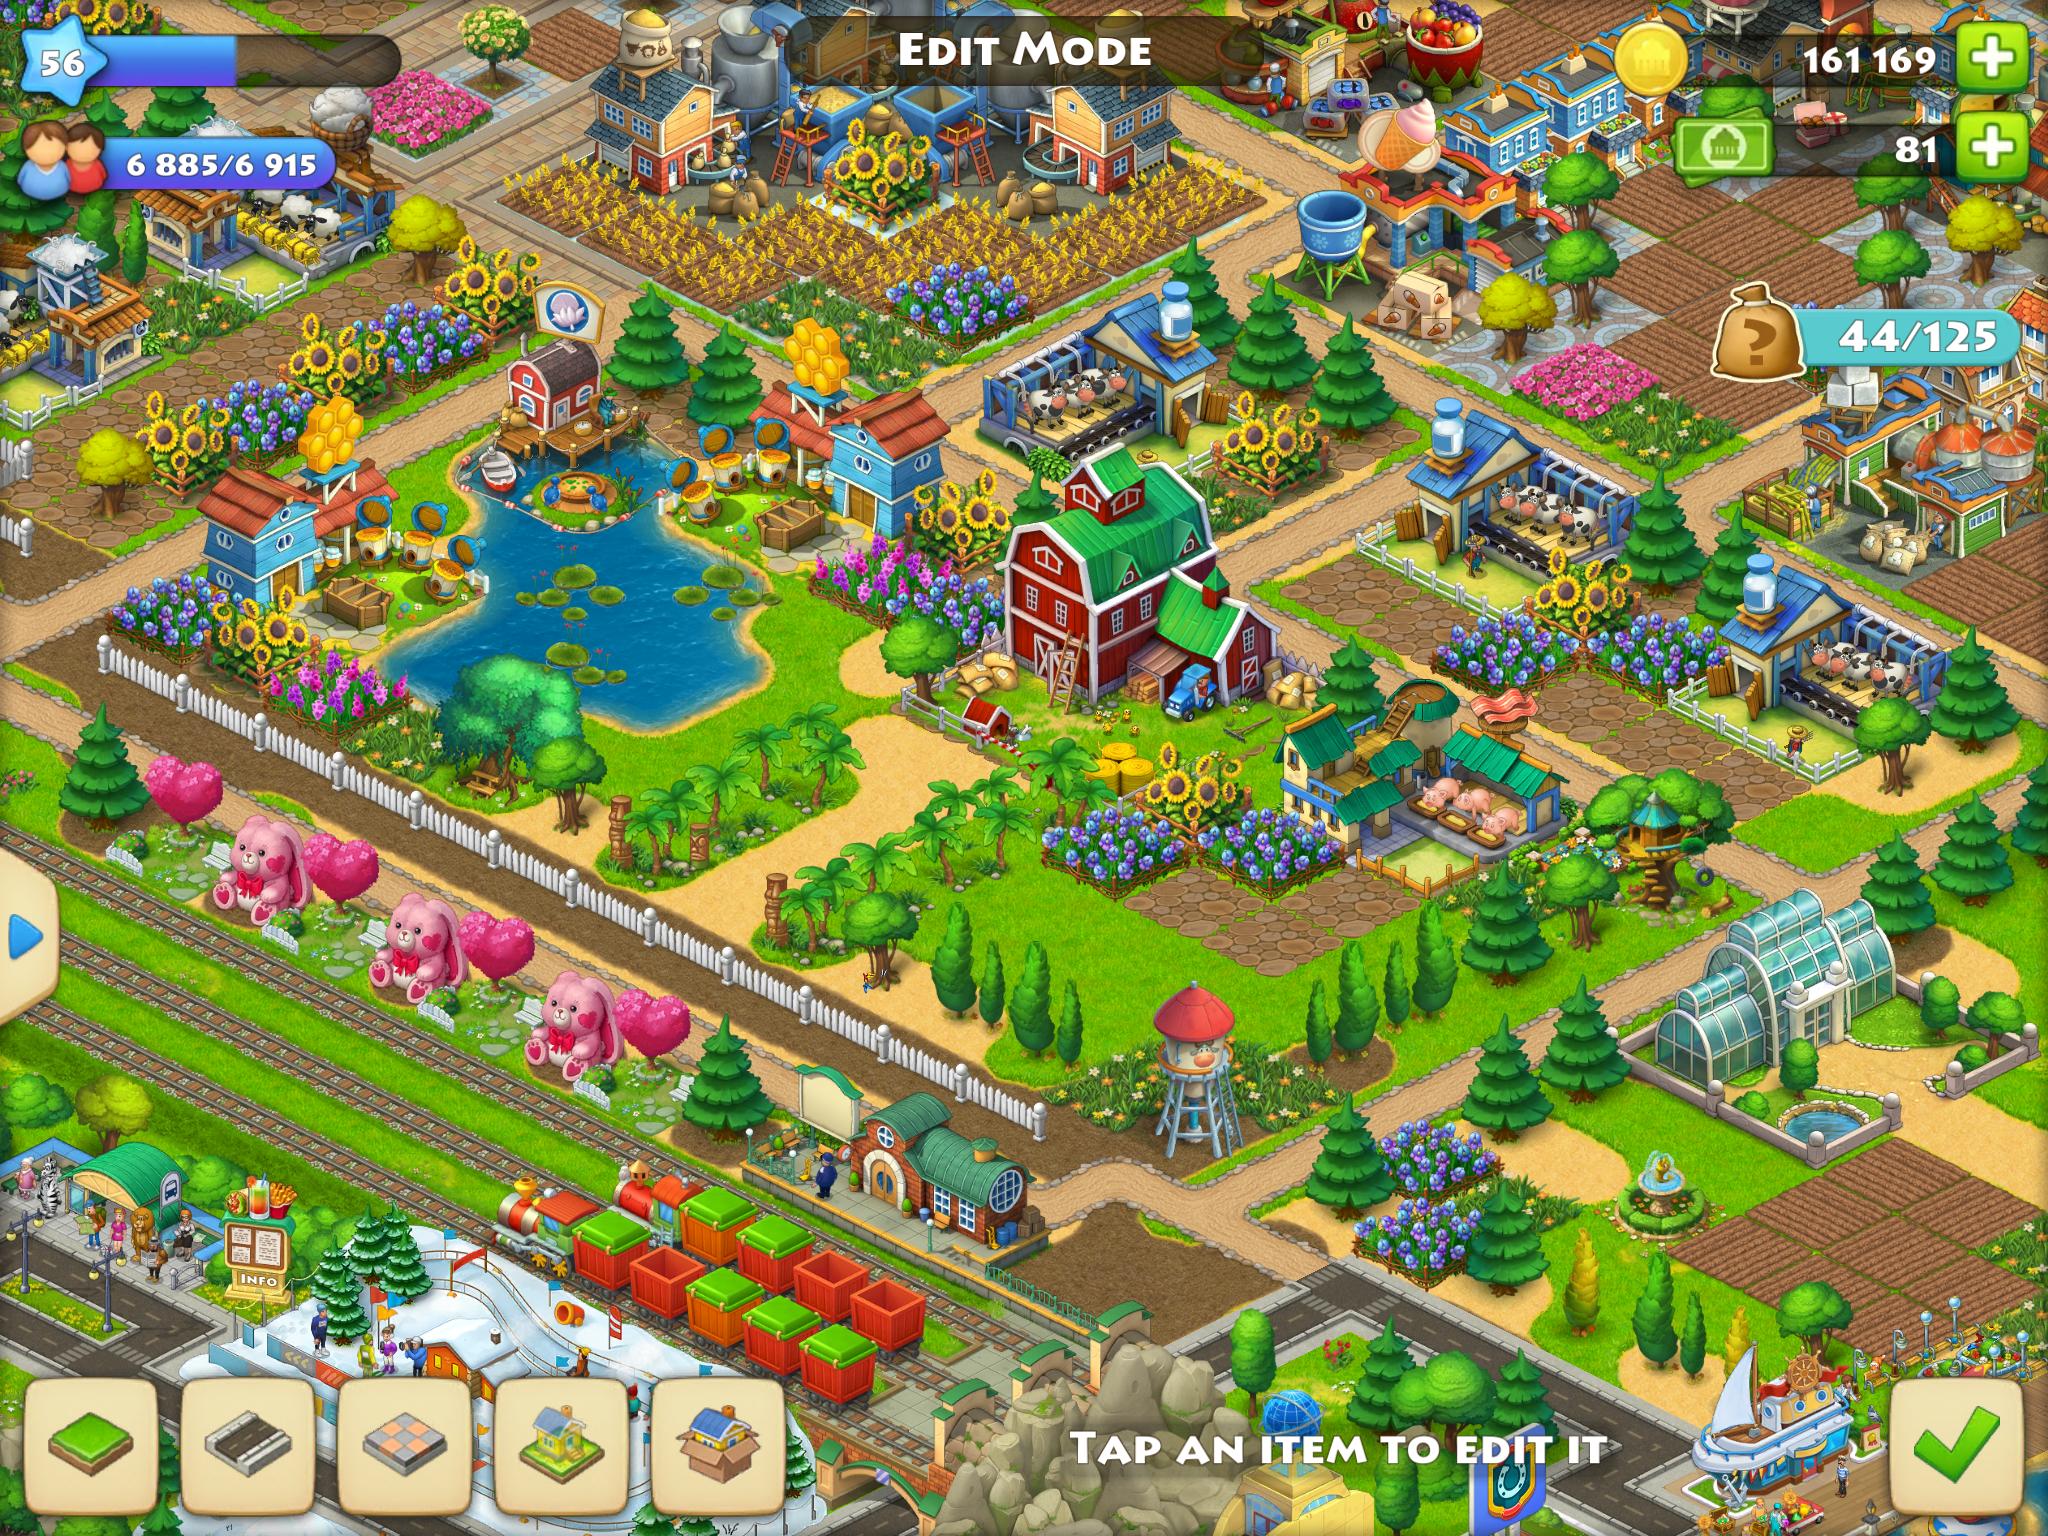 Pin De Ibenk Stanley Em Township Jogos Jogos De Fazenda Desenhos Bonitos